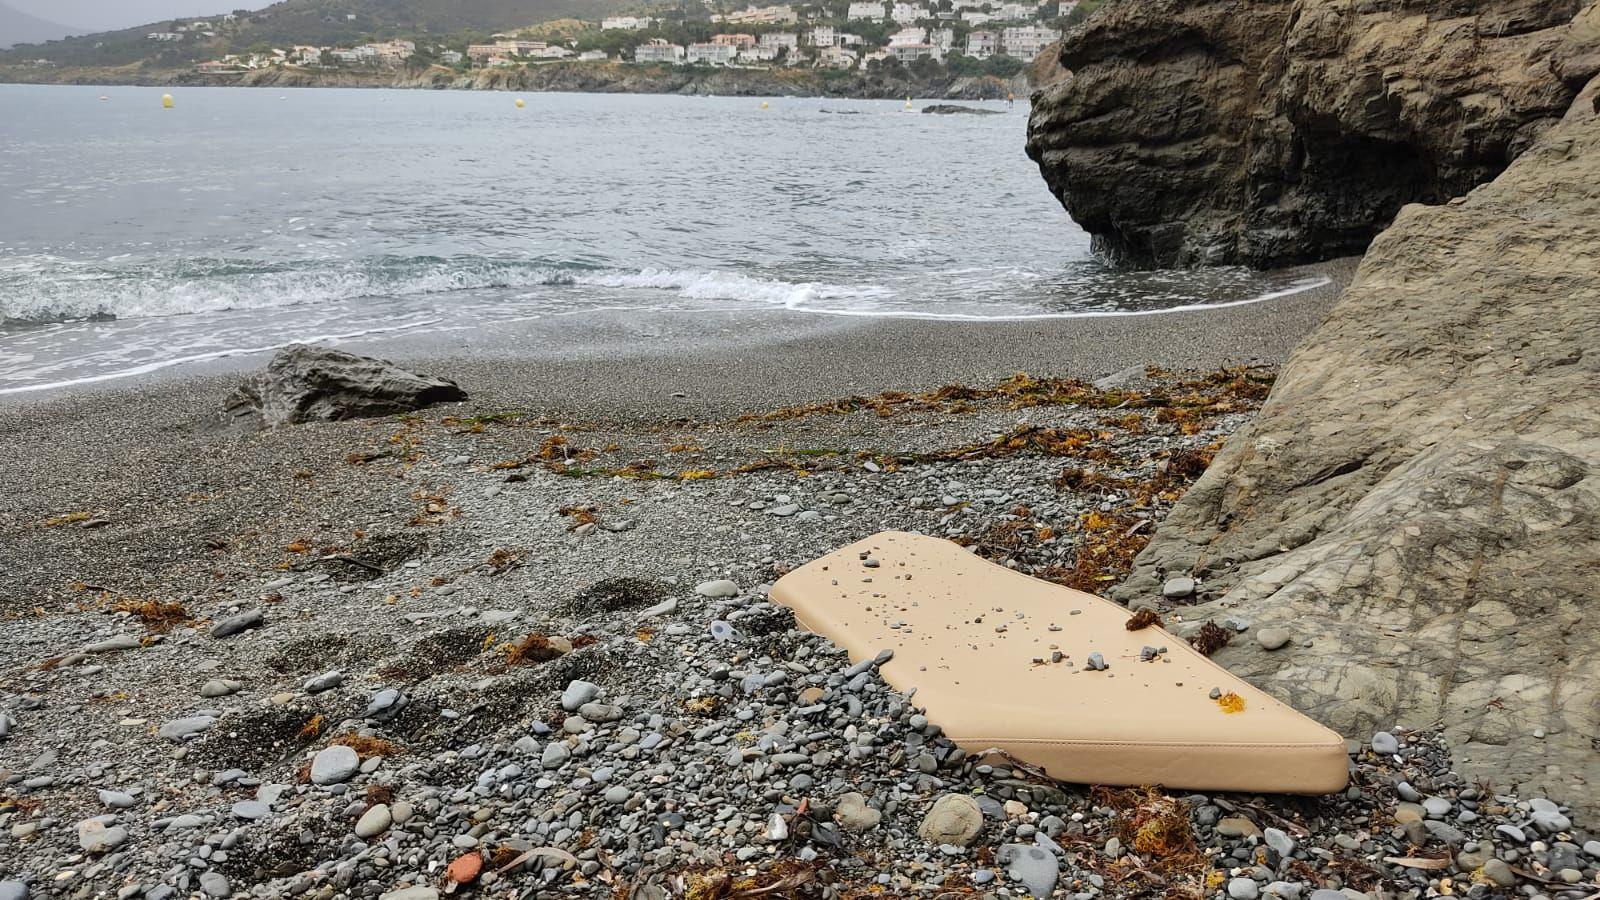 Platges Netes recull brossa i plàstics de diverses cales de Llançà